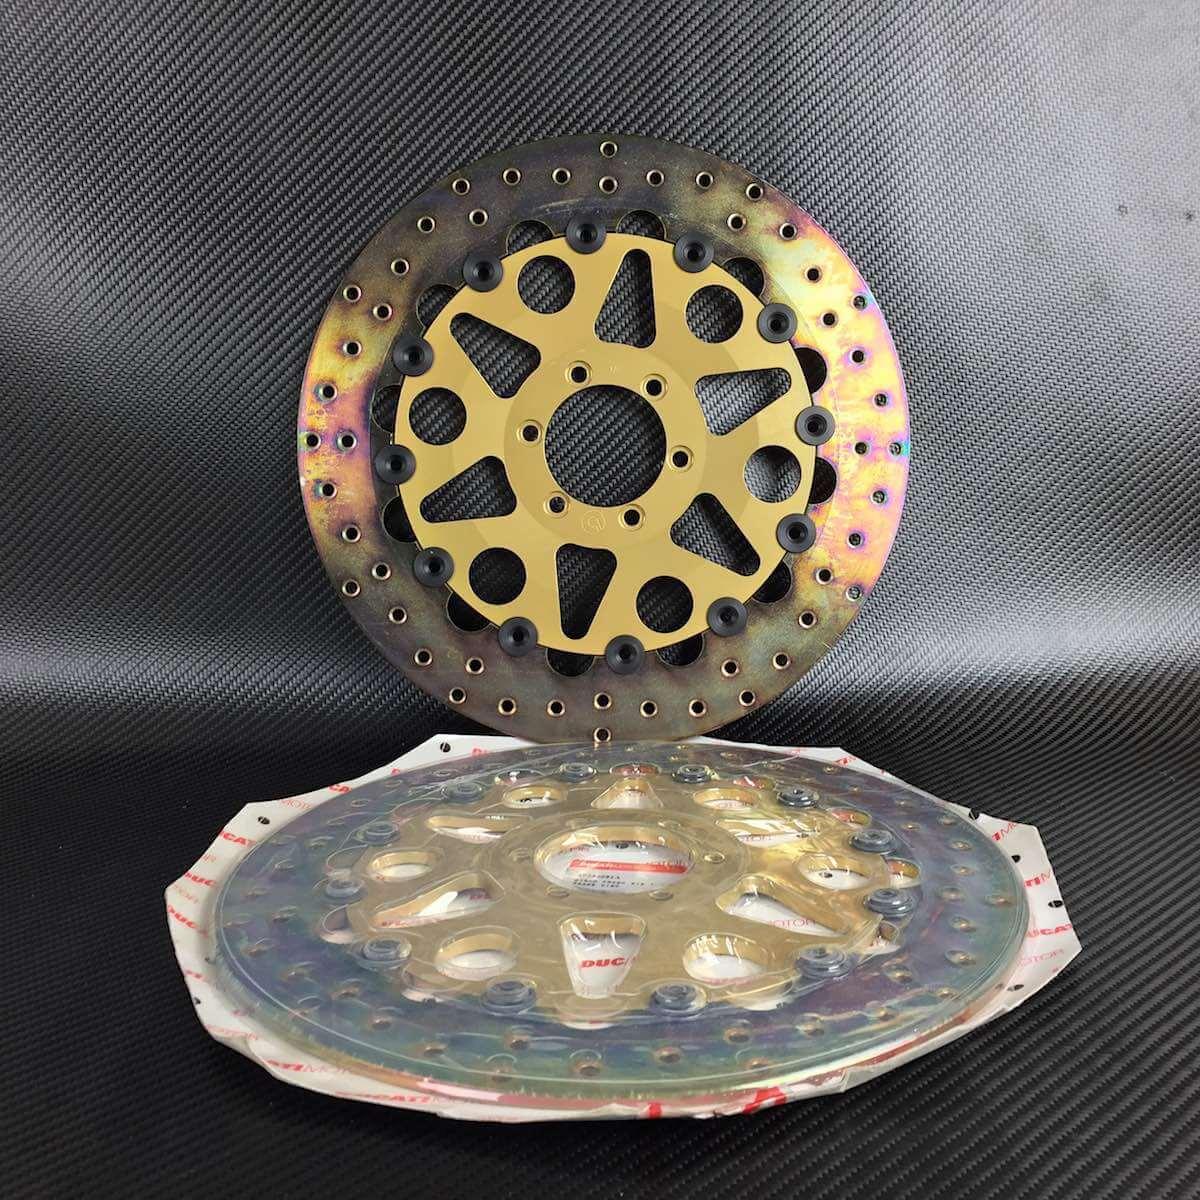 [Imagem: Ducati-Brembo-Cast-Iron-Full-Floaters-49240081A.jpg]